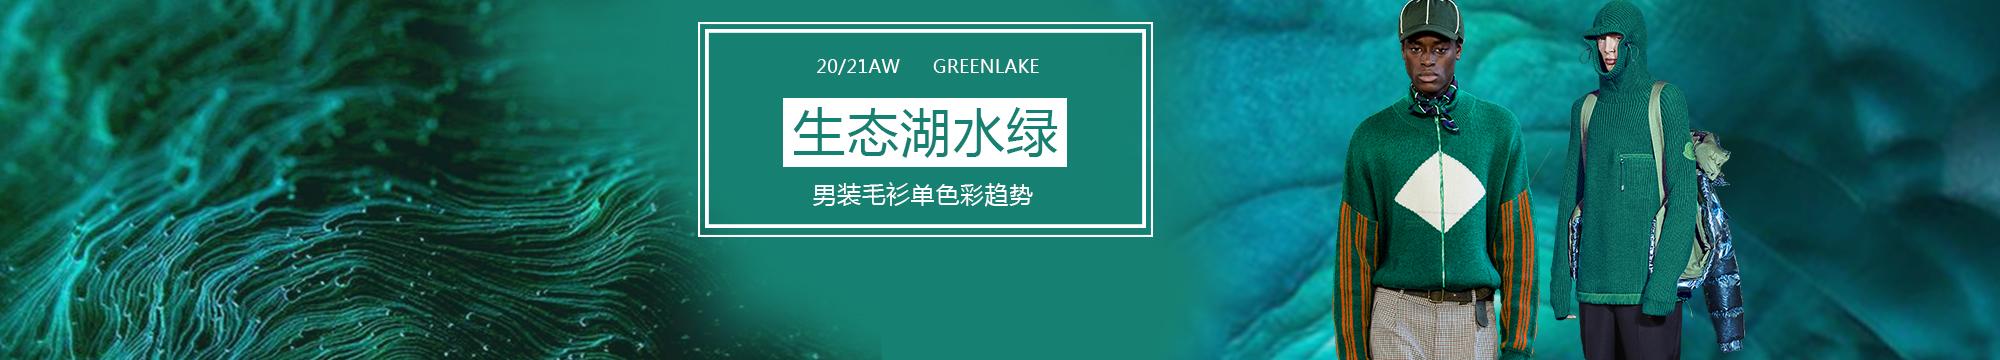 生态湖水绿--男装毛衫单色彩趋势